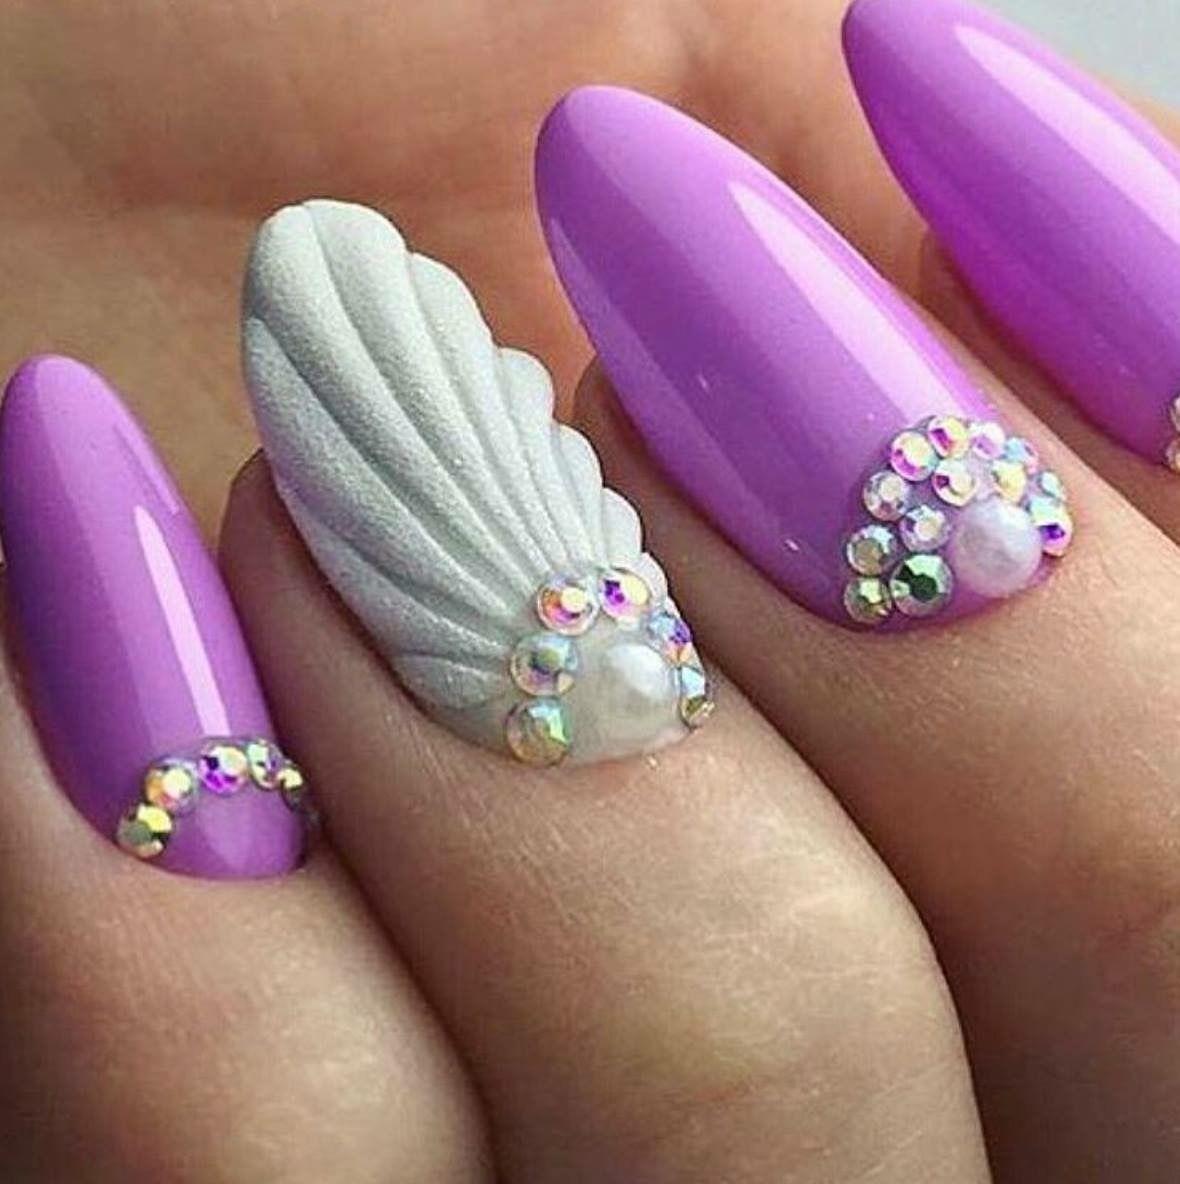 Mermaid Spring Nails Nail Ideas Nails Seashell Nails Mermaid Nails